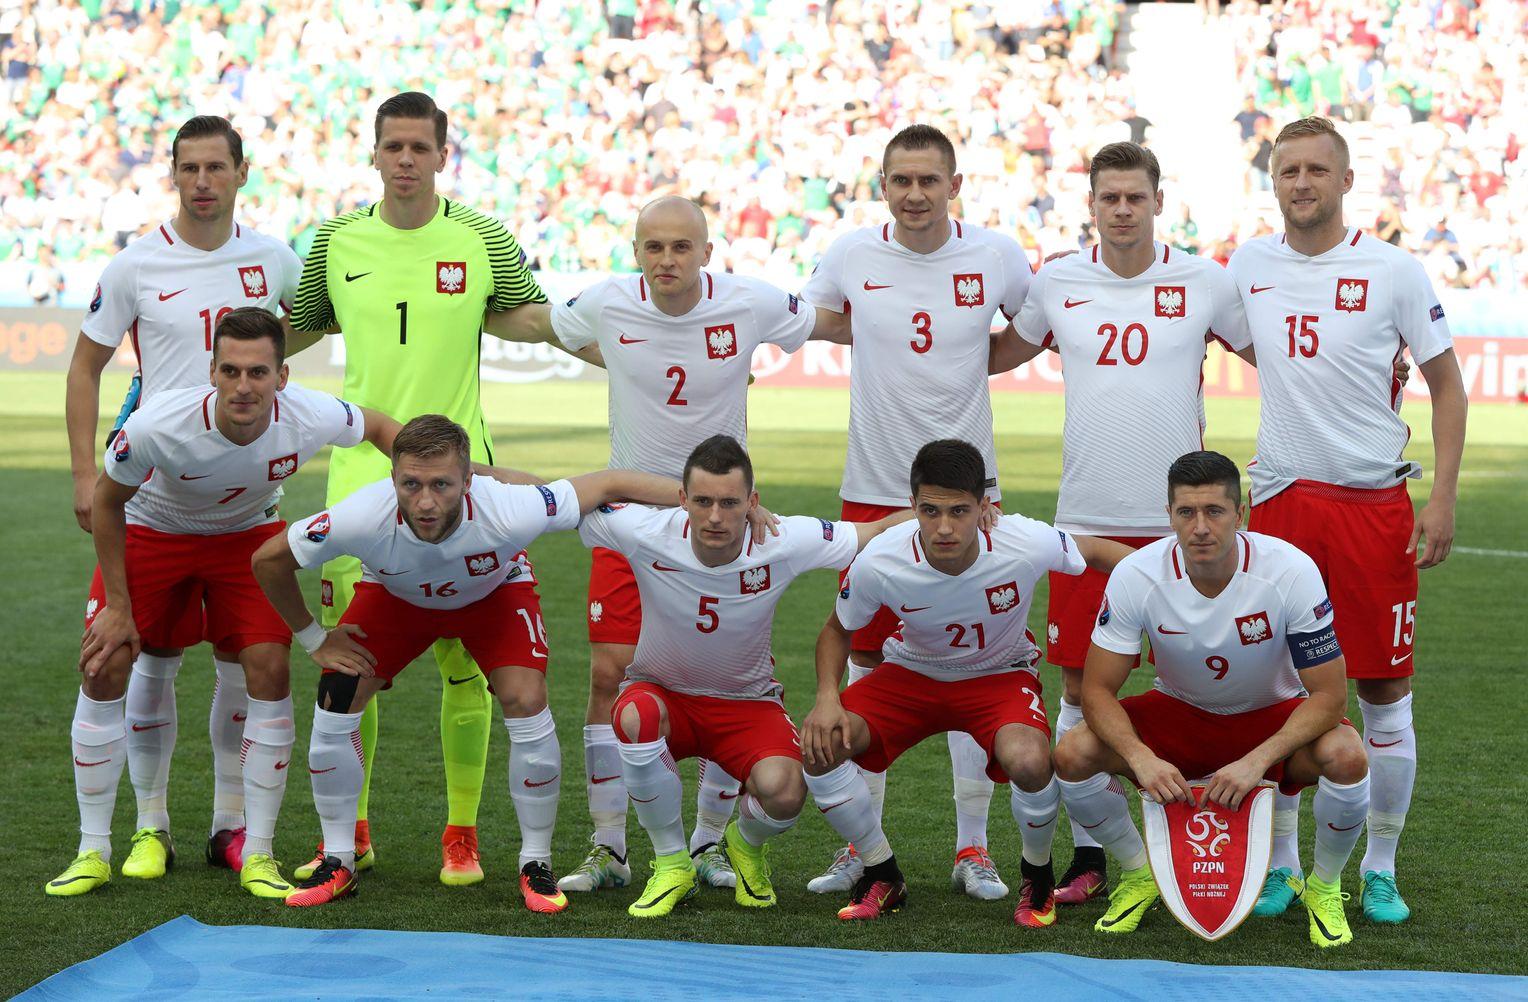 Polen Nordirland Ergebnis